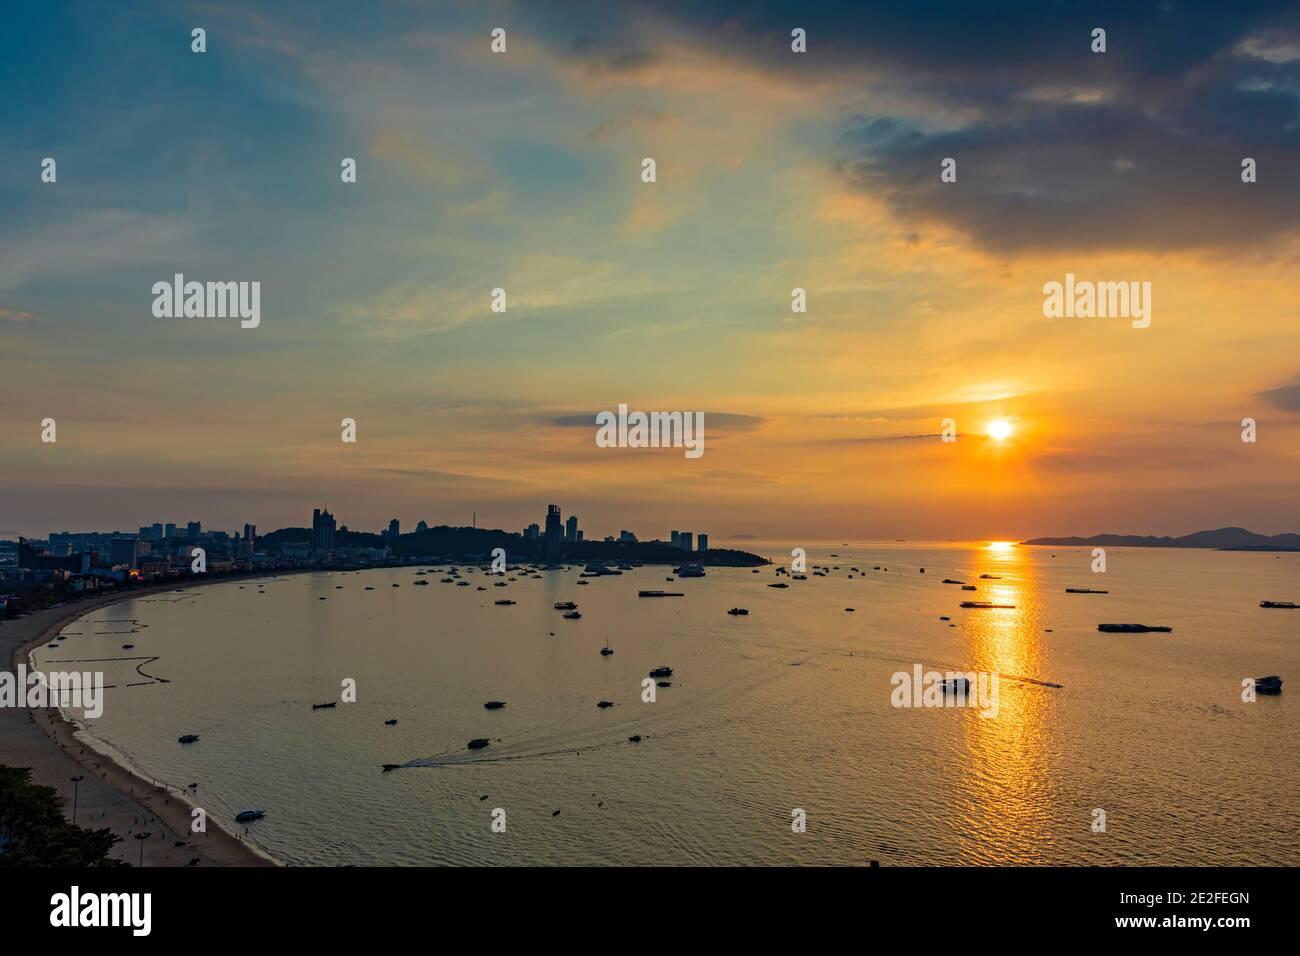 Sunset over Pattaya, Chon Buri, Thailand Stock Photo